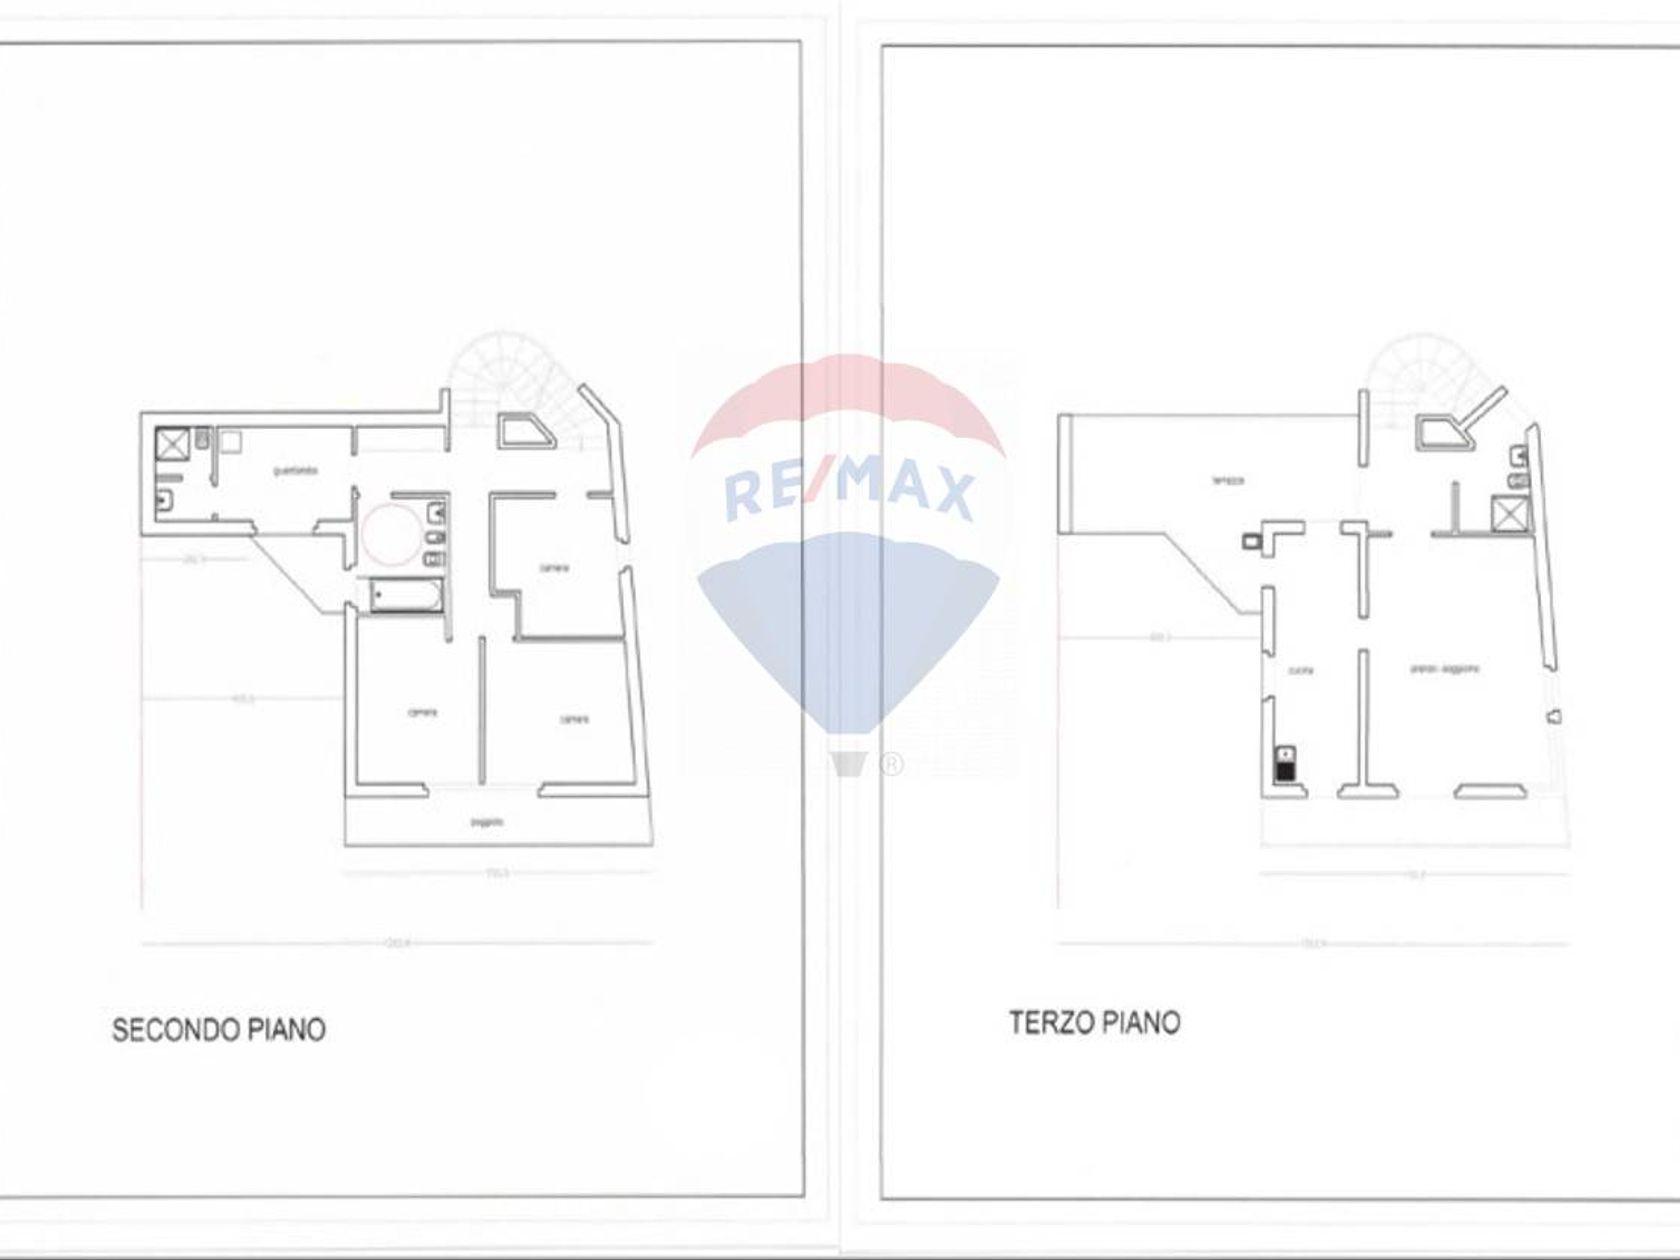 Casa Indipendente Quinzano, Verona, VR Vendita - Planimetria 4